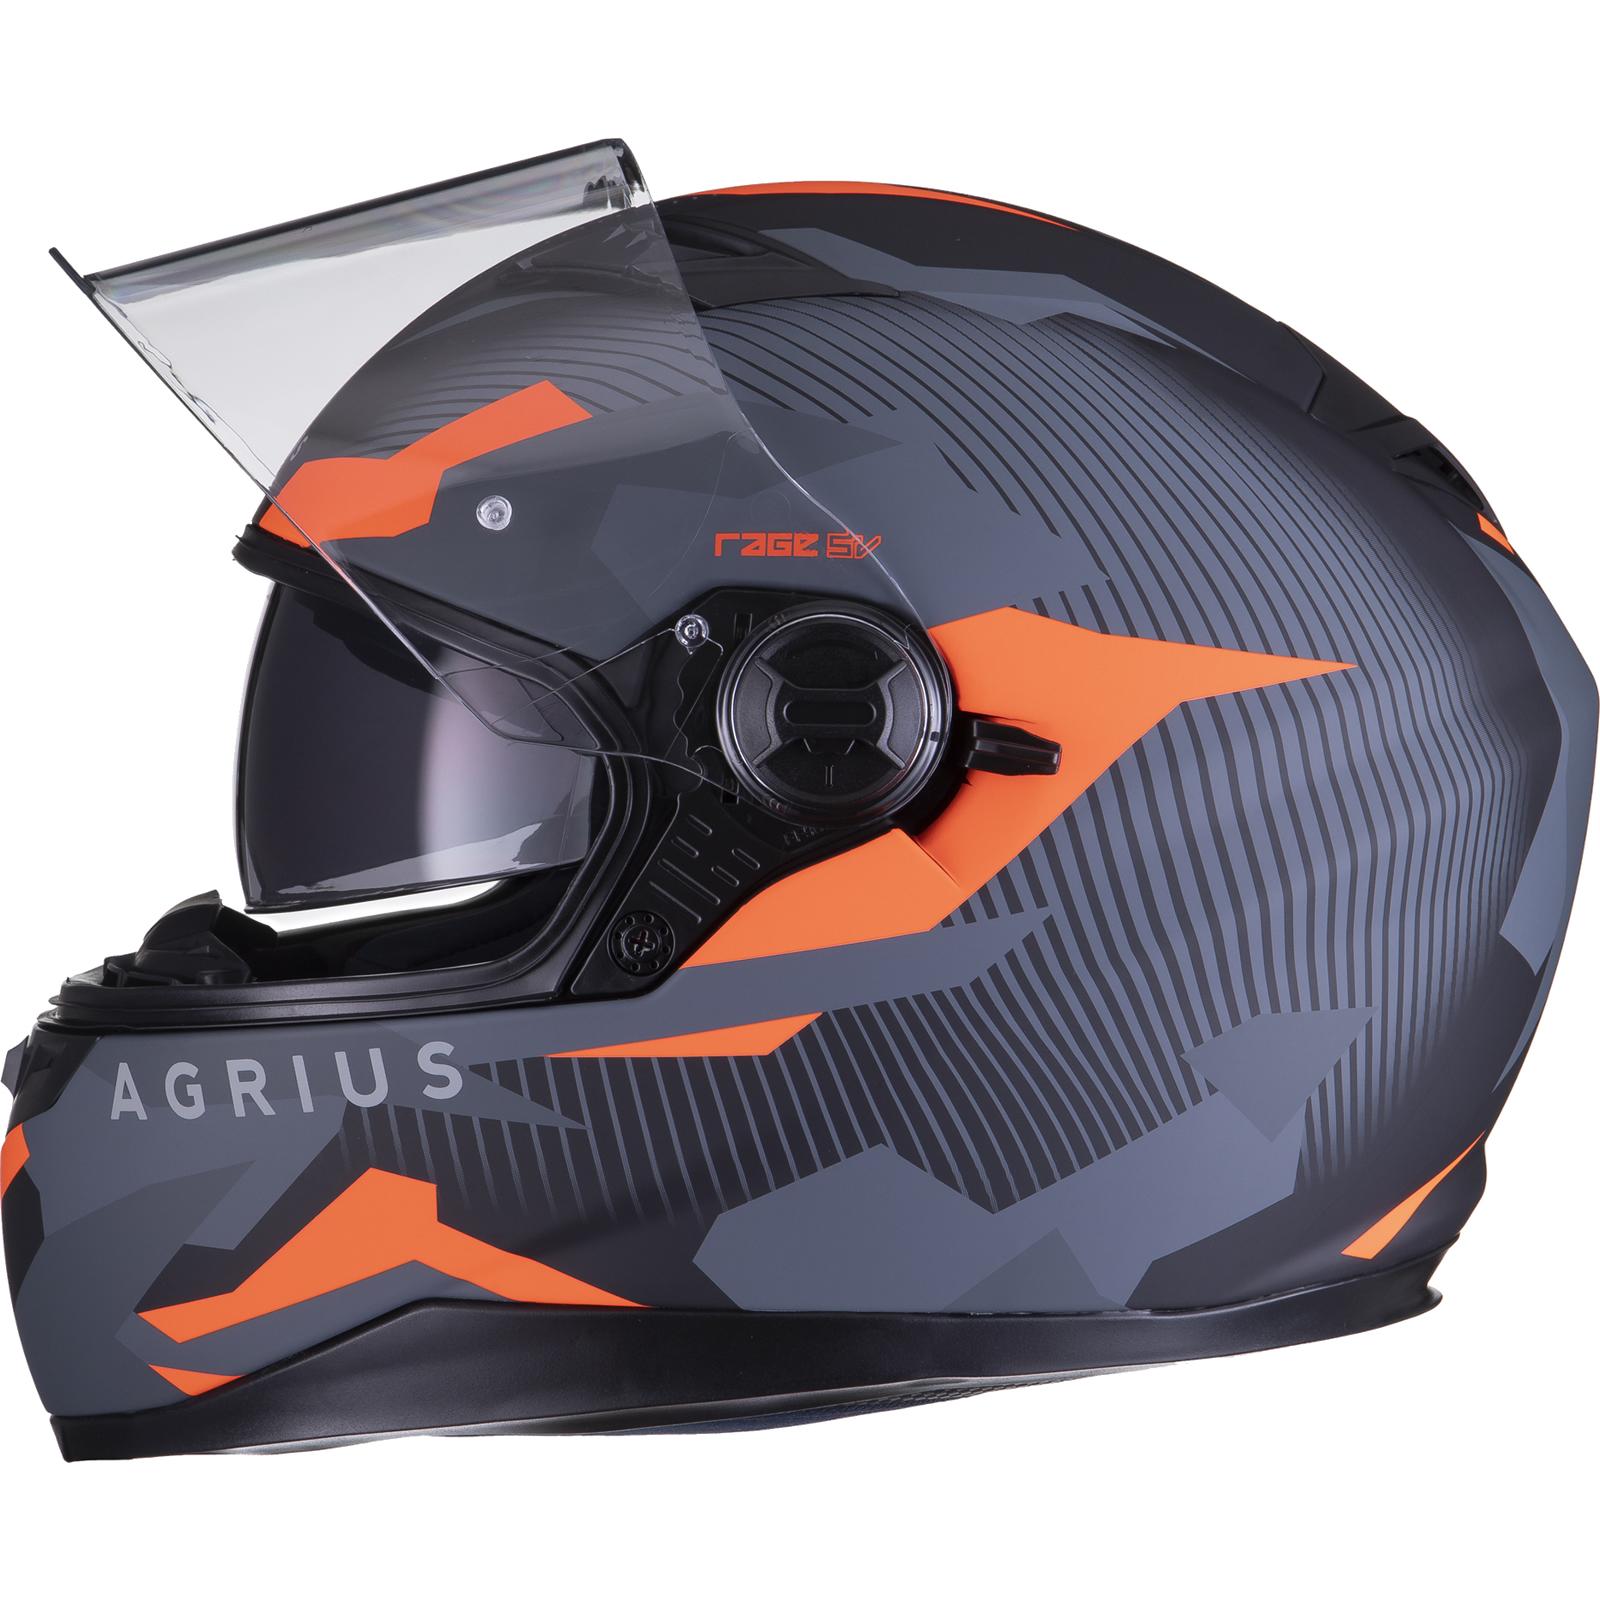 Agrius-Rage-SV-Tracker-Full-Face-Motorcycle-Matt-Helmet-bike-Road-Bike-Scooter thumbnail 32